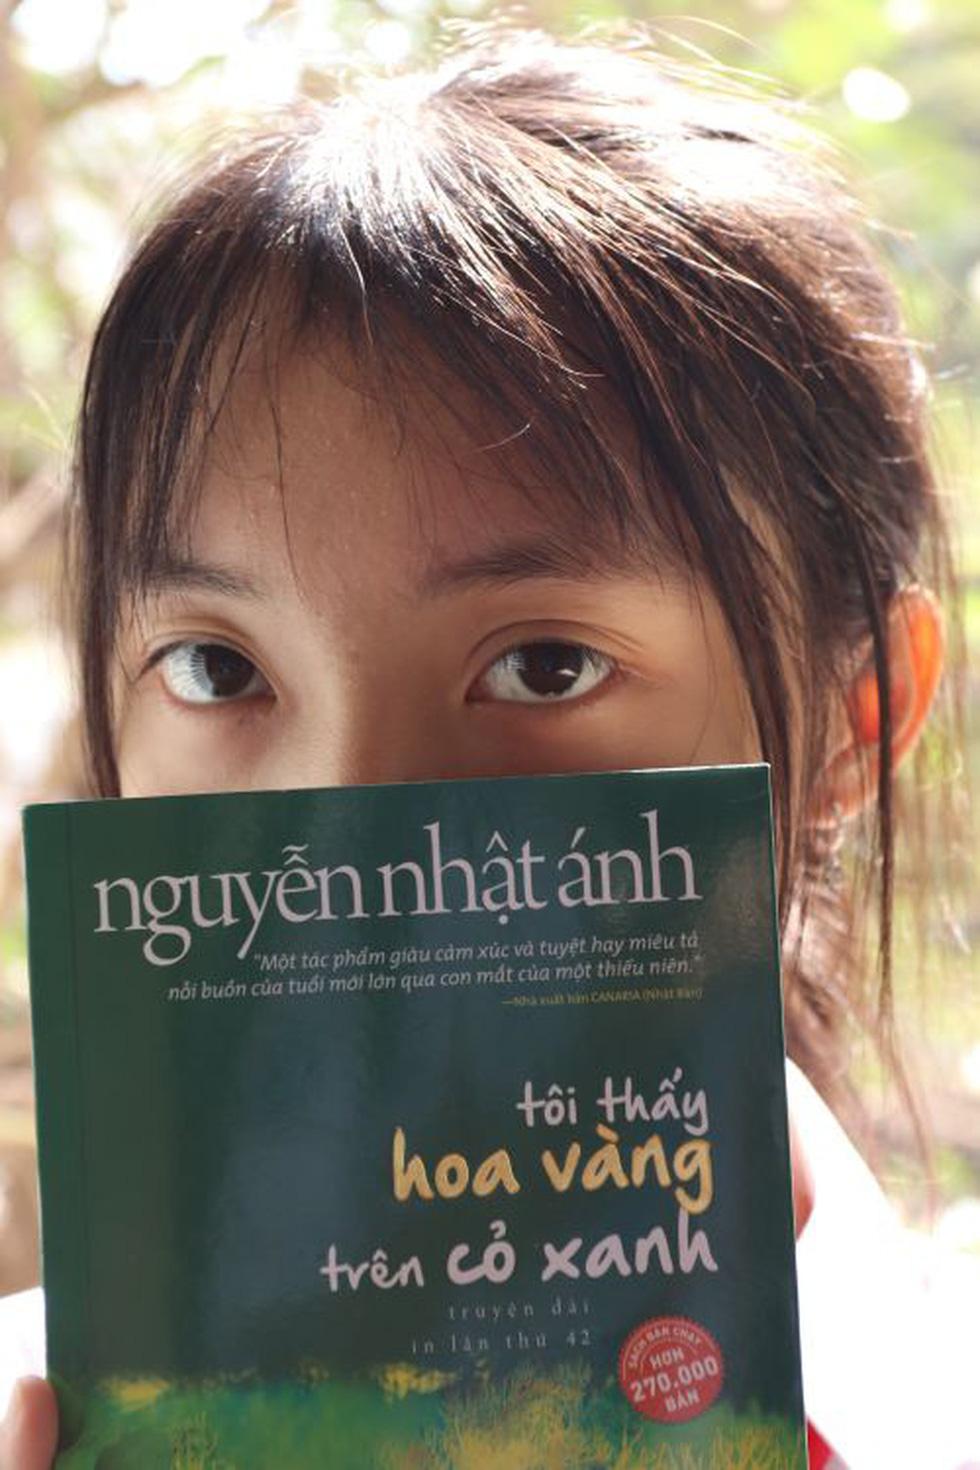 Trao giải sáng tác ảnh Tuổi xanh: Ngắm những khoảnh khắc tinh khôi cùng sách - Ảnh 9.